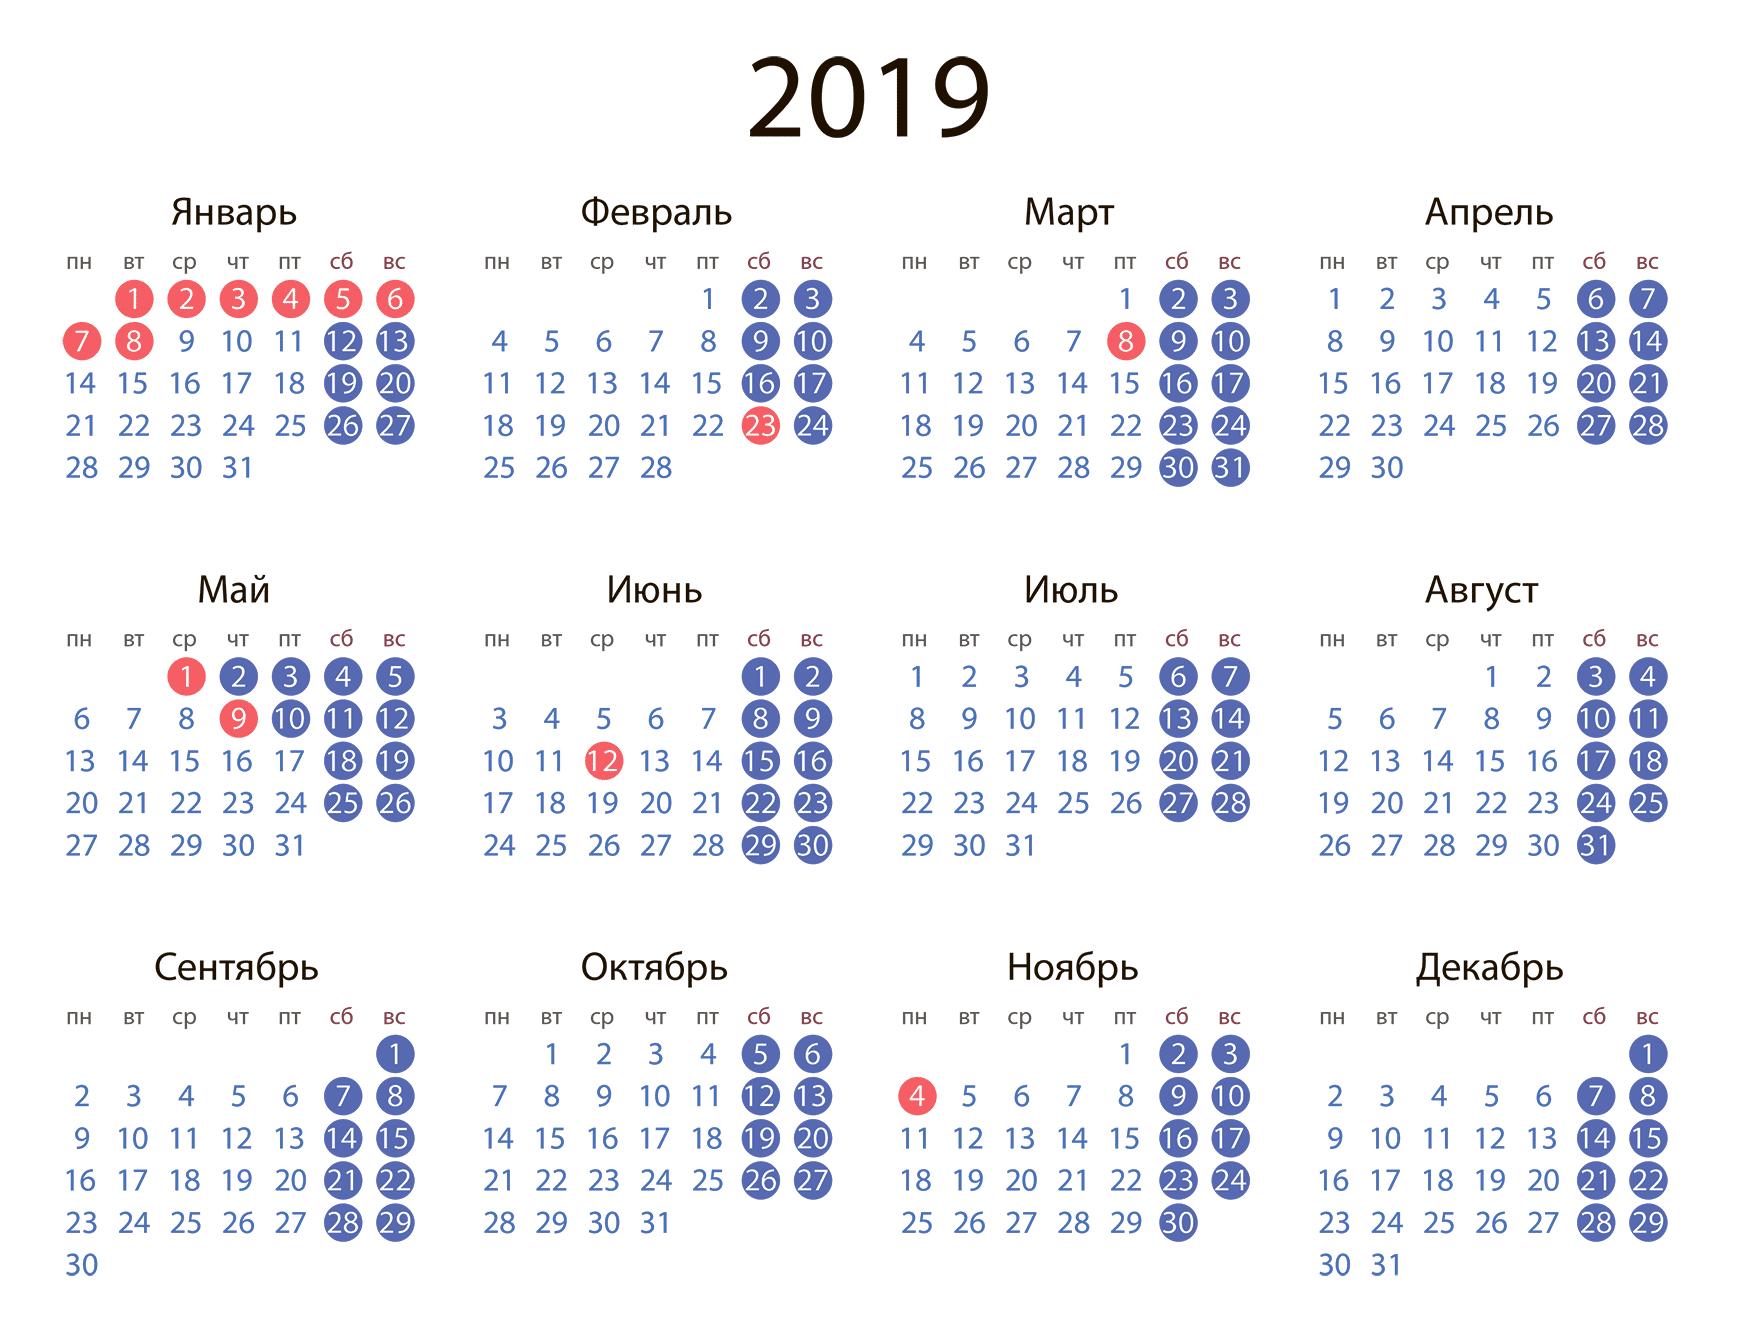 Скачать Календарь На 2019 Год В Форматах: Word, Pdf, Jpg Calendar Of 2019 Pdf